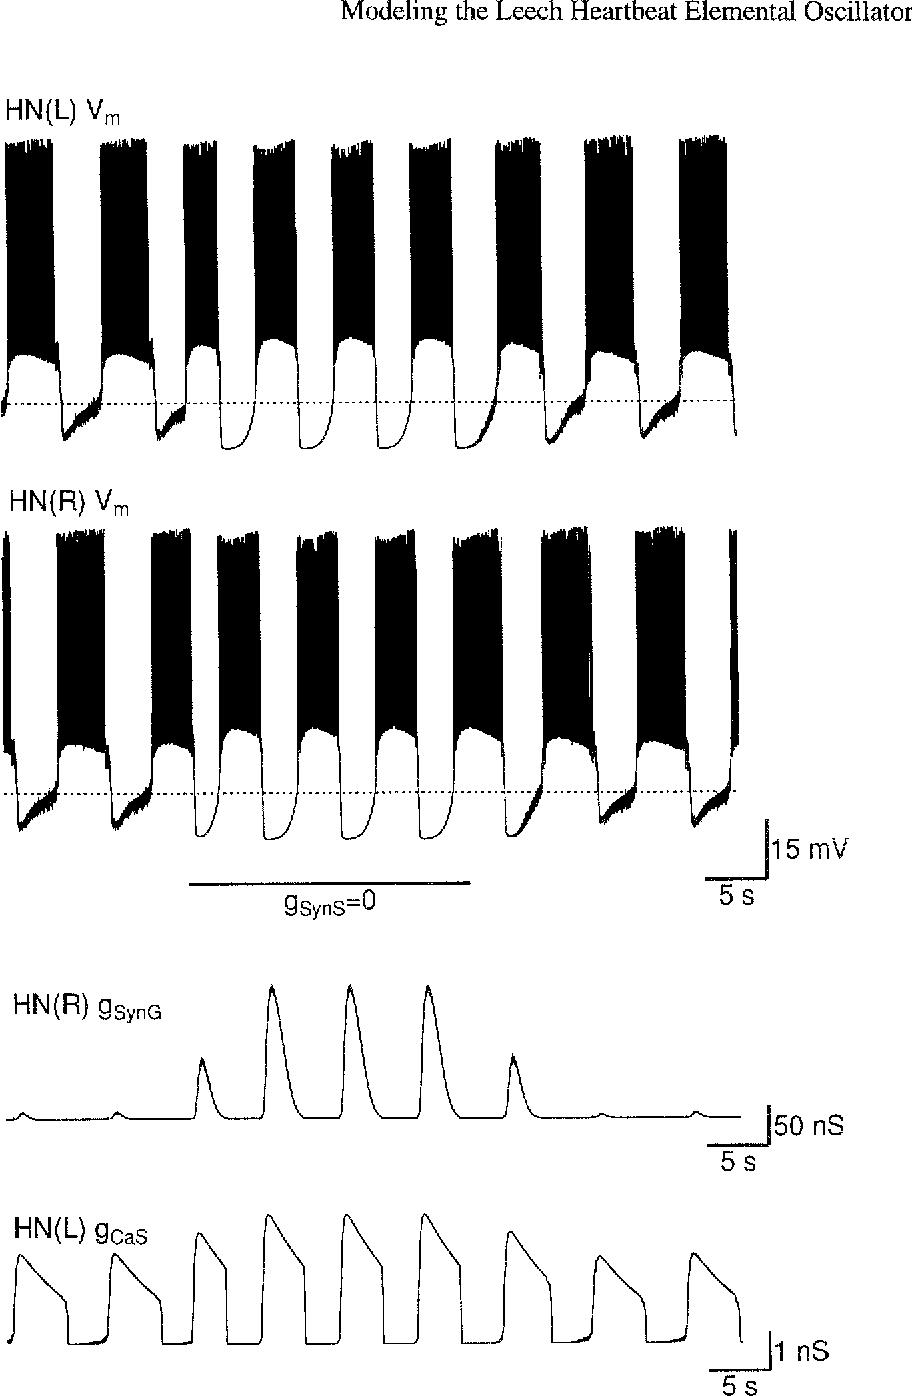 Figure 2 from Modeling the leech heartbeat elemental oscillator II